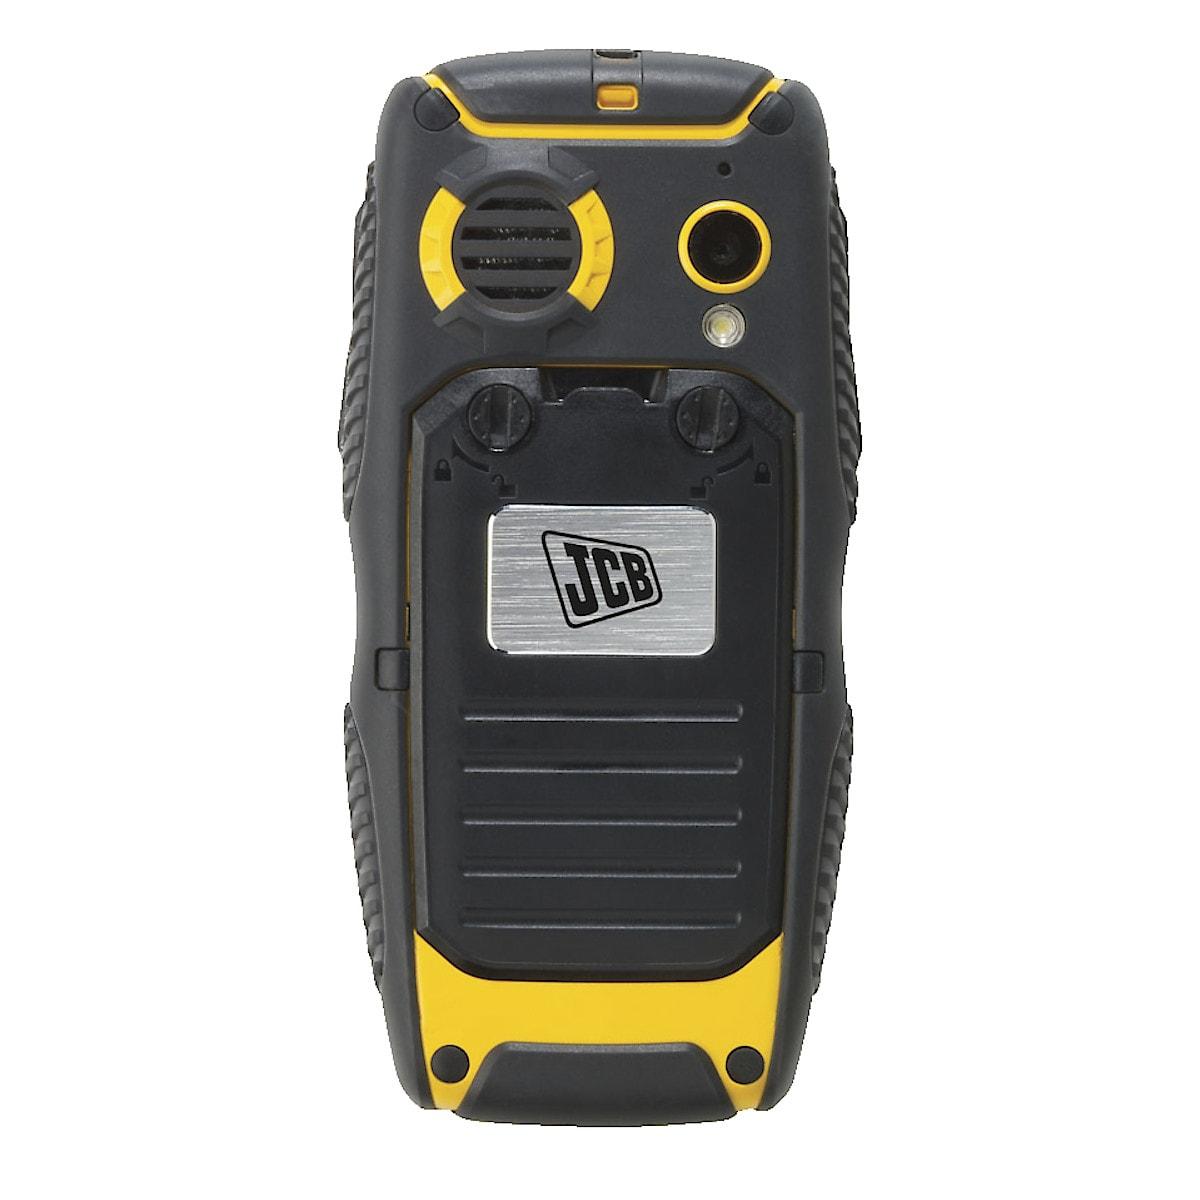 JCB Toughphone Pro-Talk mobiltelefon